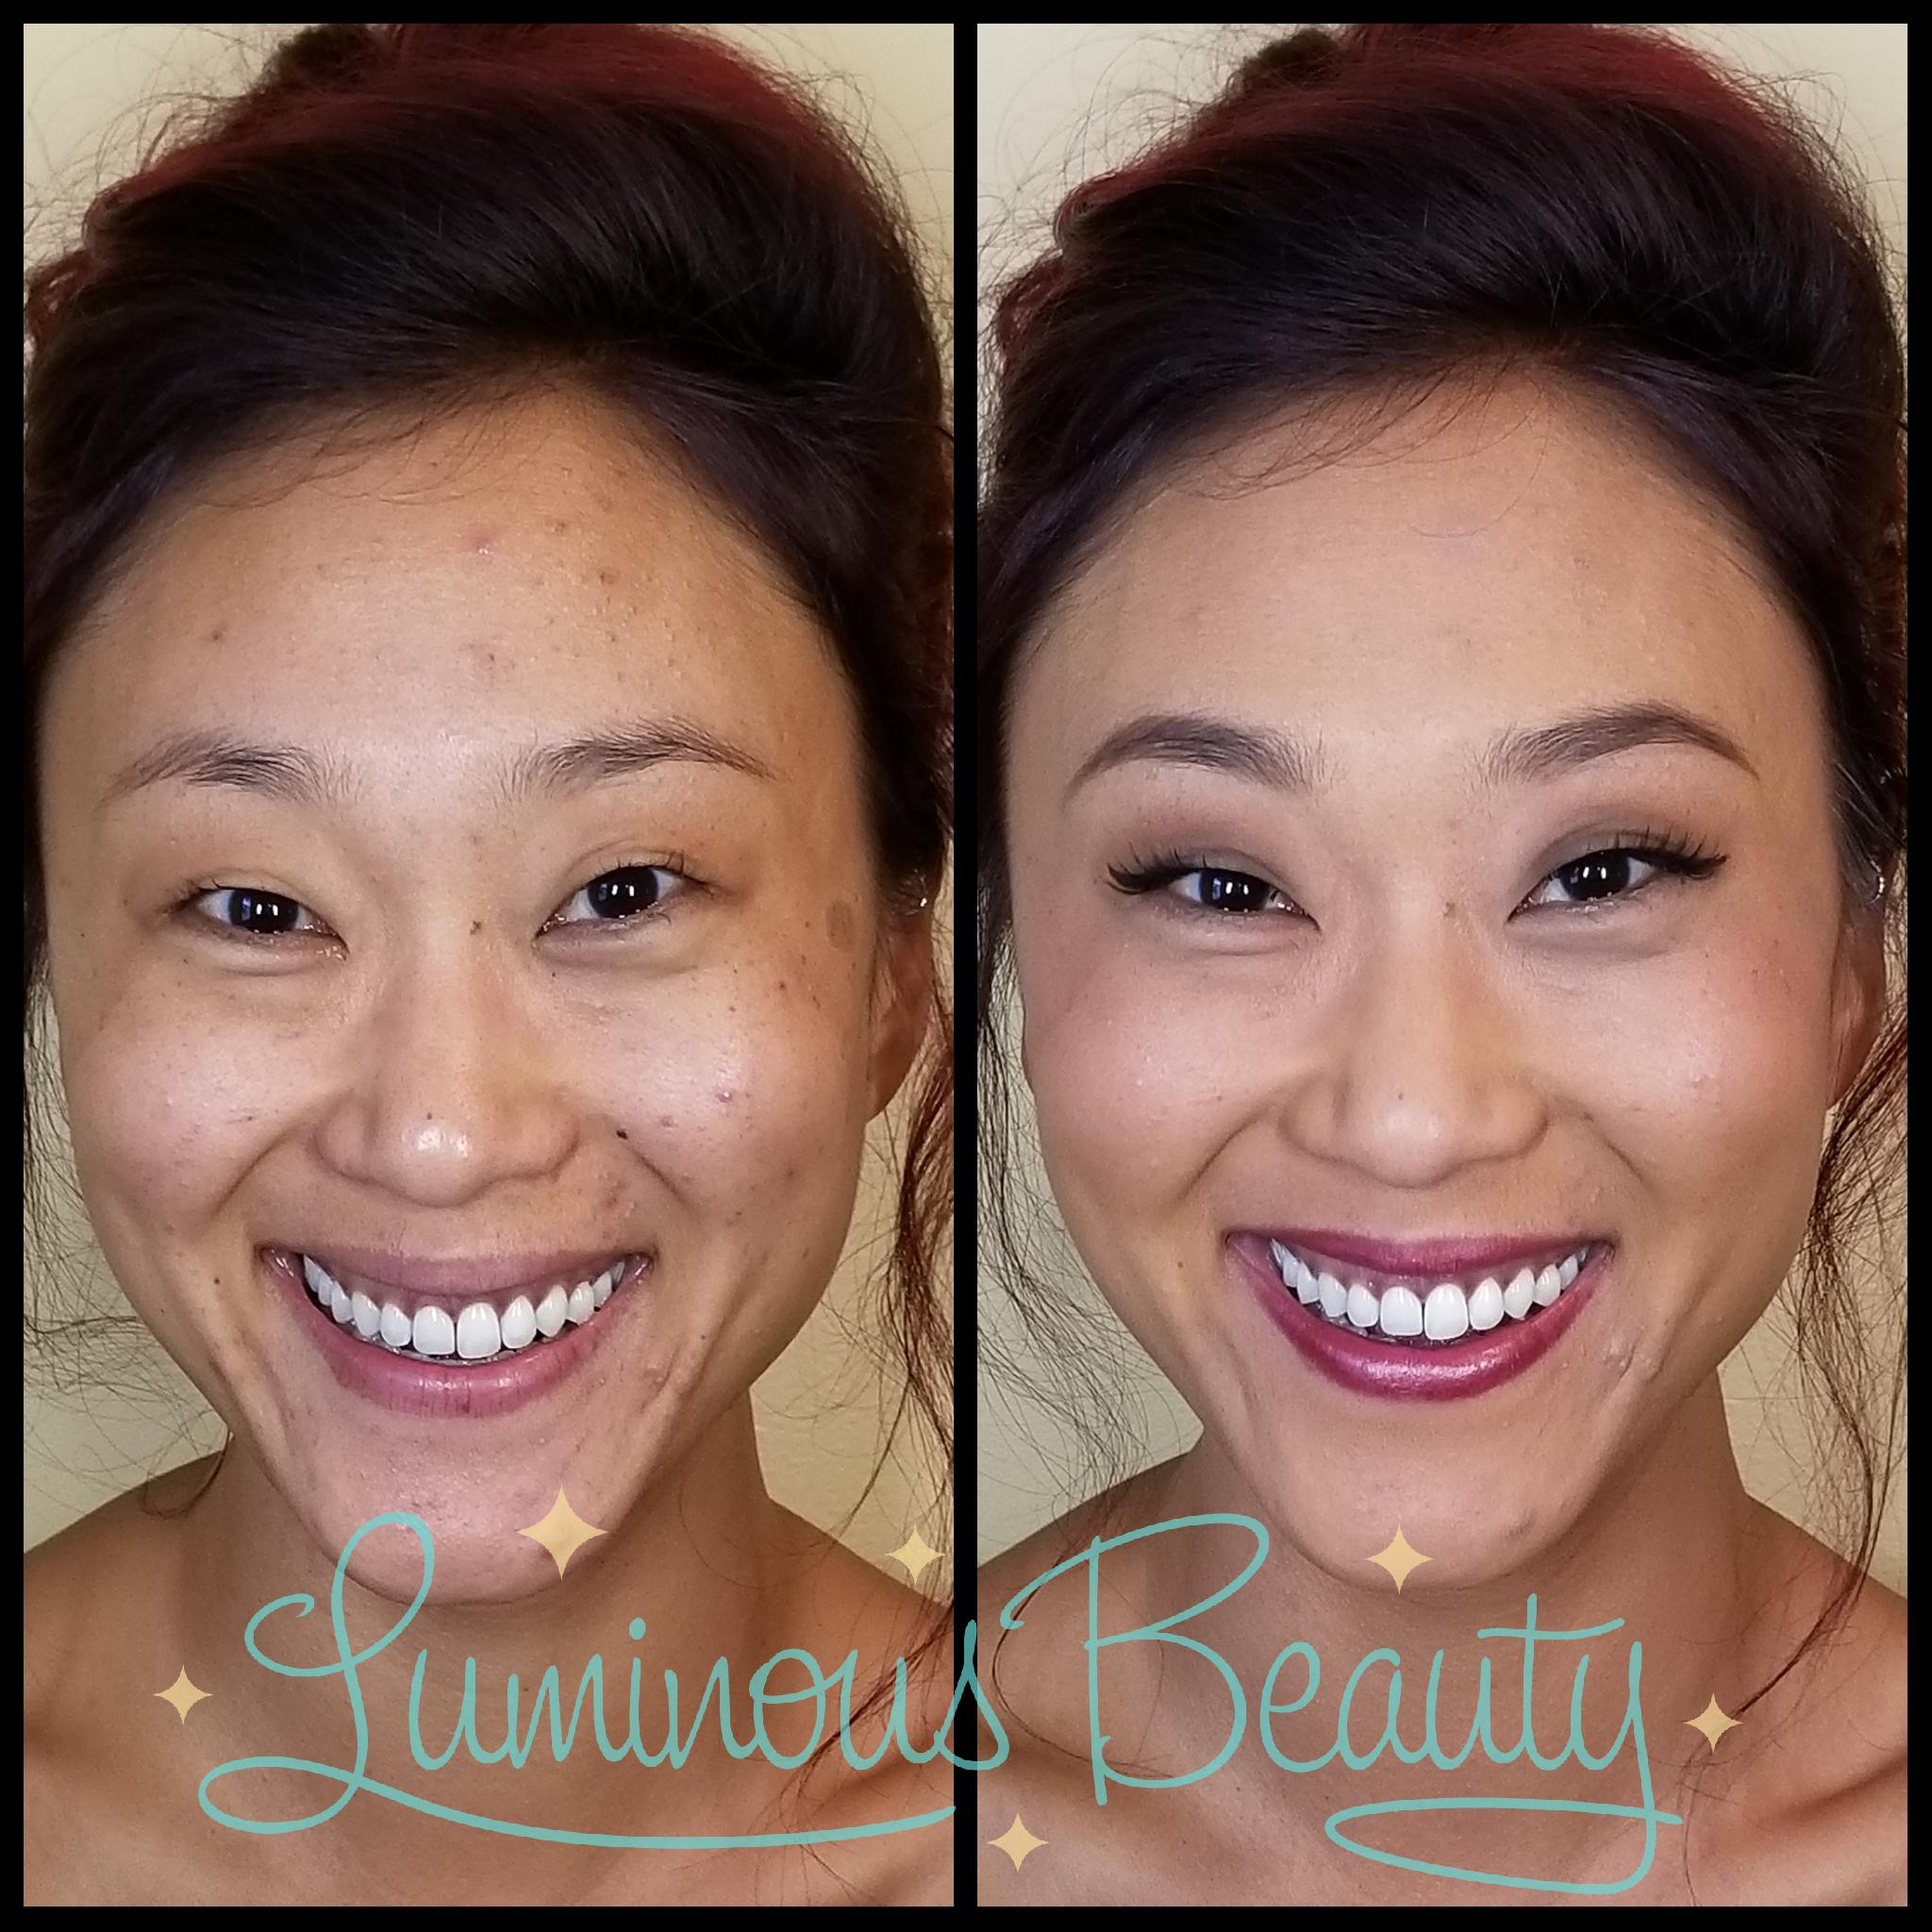 10-05-18  Acne Covering Bridesmaid Makeup, Minneapolis Wedding Makeup Artist. Luminous Beauty Makeup. Asian Makeup..png